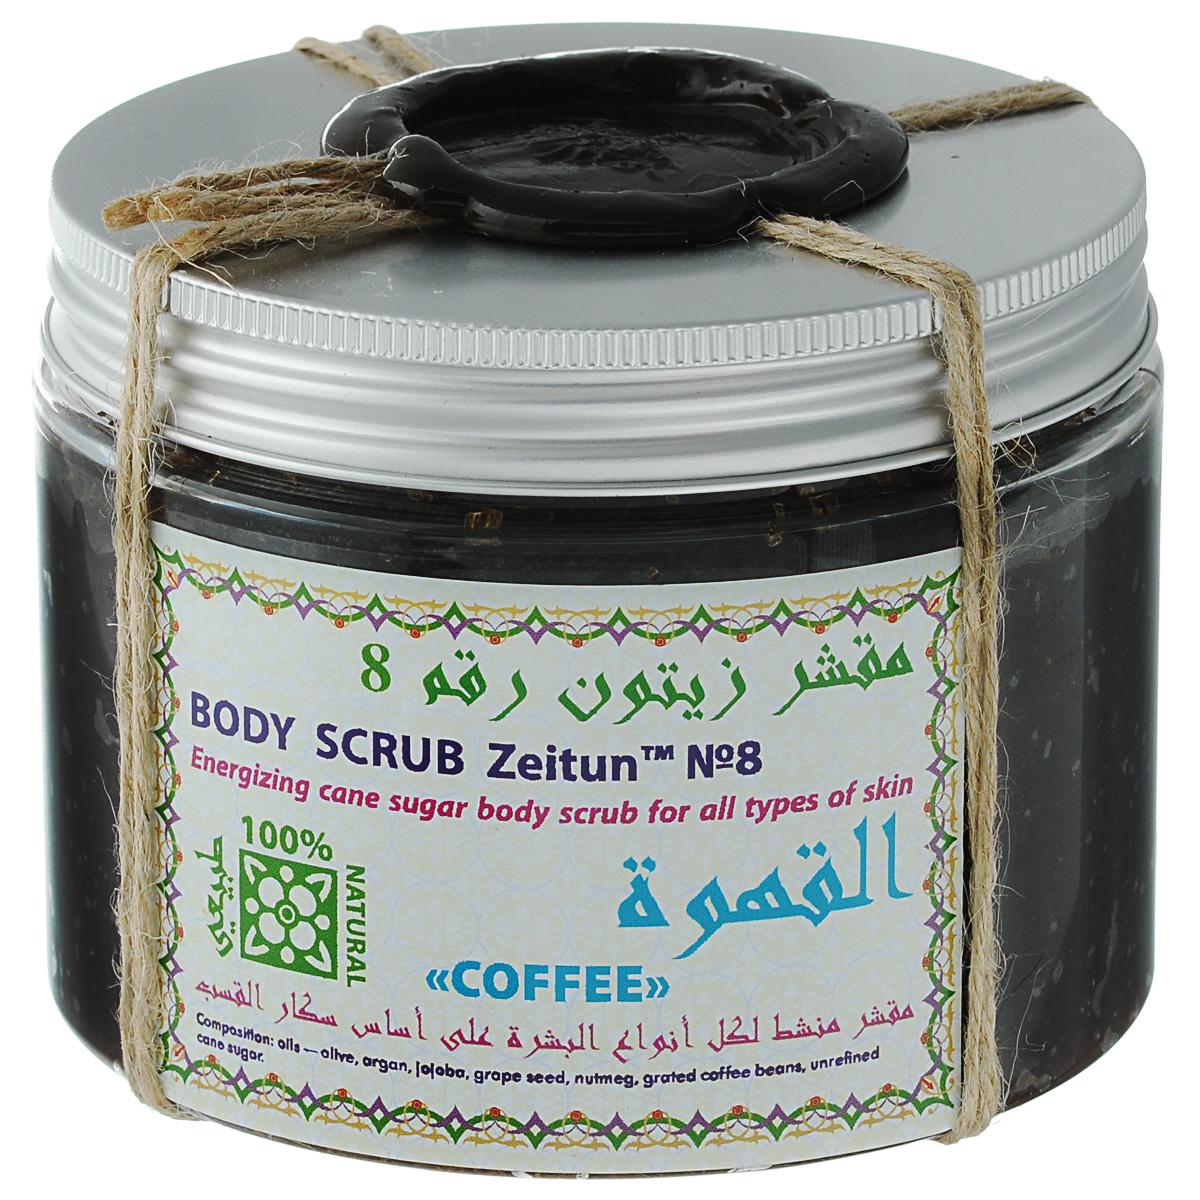 Зейтун Скраб для тела №8 сахарный Кофе, 500 млFS-36054Мягко снимает слой отмерших клеток, выравнивает и тонизирует кожу, улучшает её текстуру и цвет. Масла легко впитываются в кожу, увлажняют, смягчают и насыщают её витаминами. Скраб оказывает ощутимое бодрящее и тонизирующее воздействие. Питает, увлажняет, оставляет восхитительный кофейный аромат.